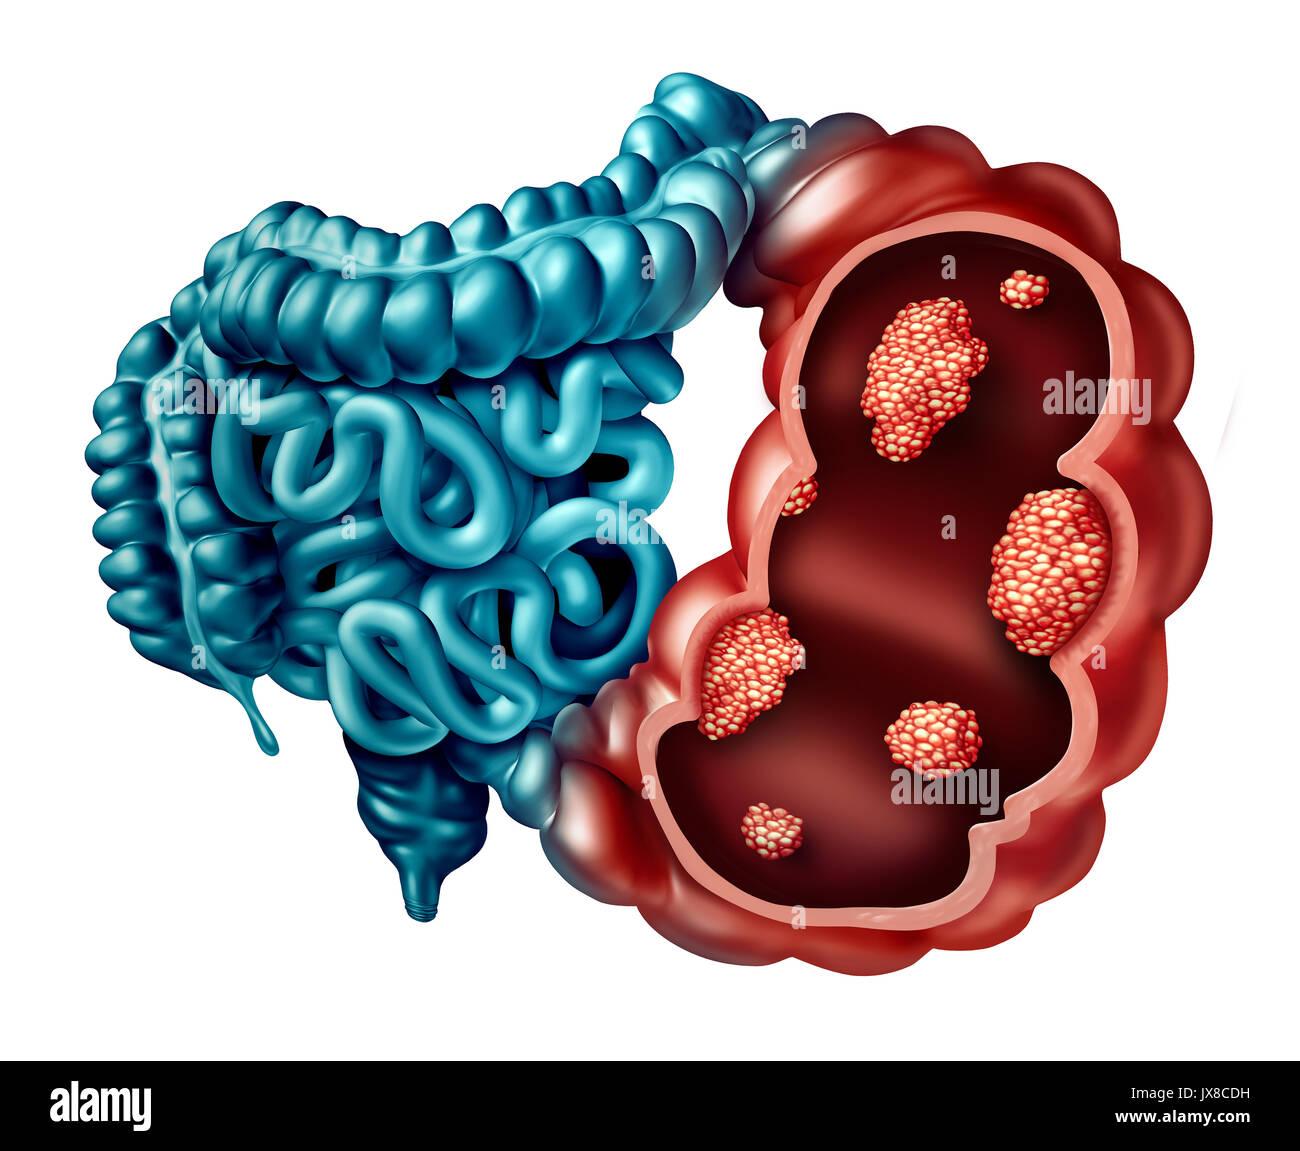 Darmkrebs Konzept als menschlichen Darm Krankheit mit gezwungen ...